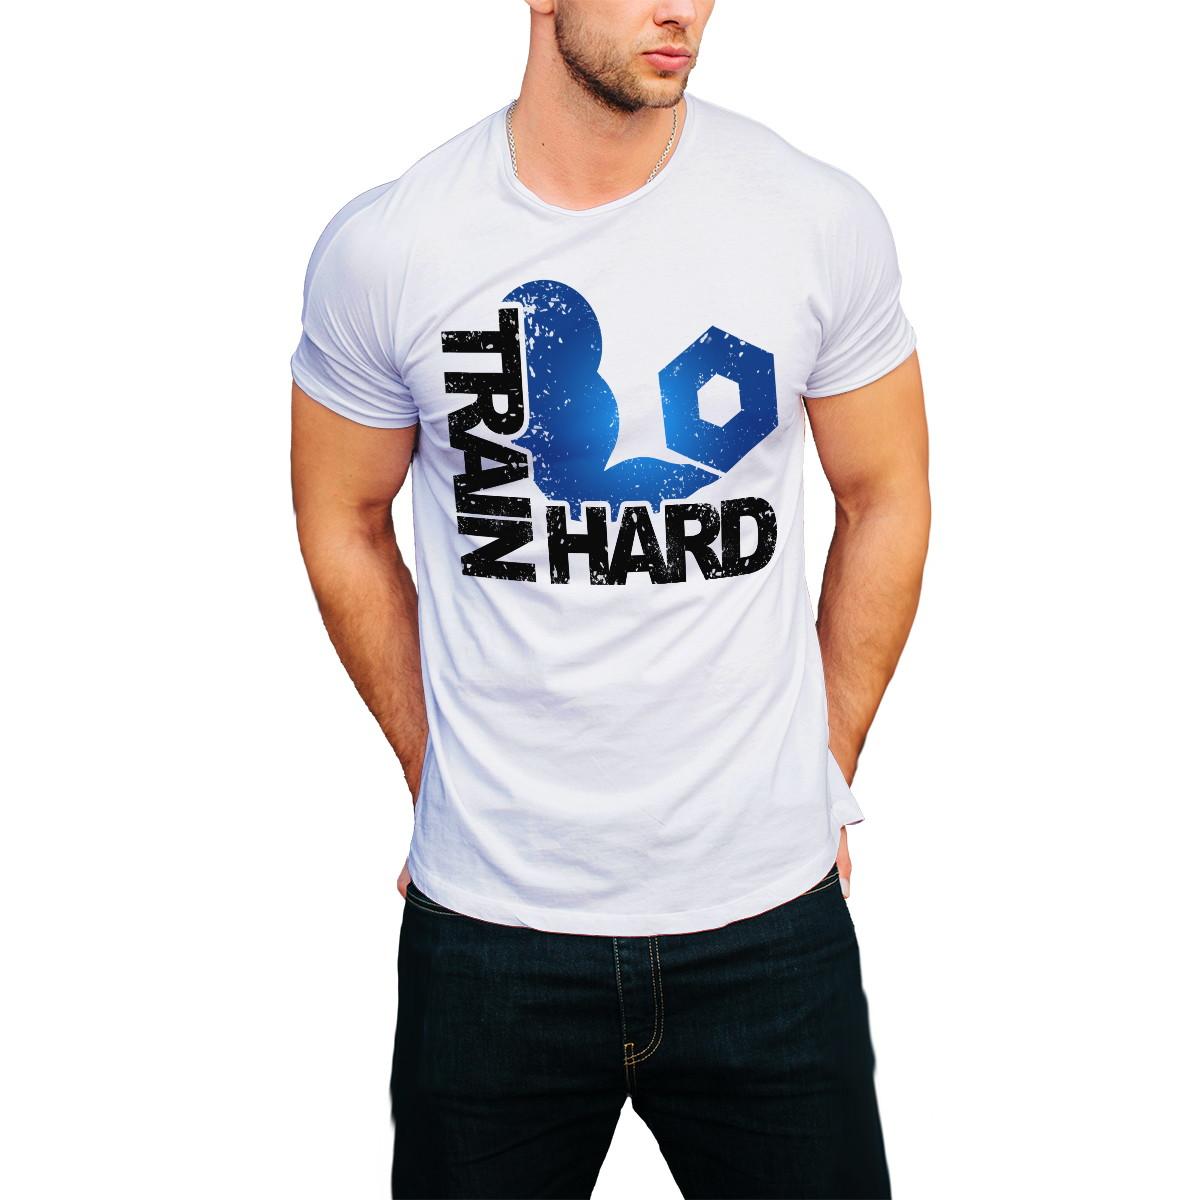 Camisa para Treino  52be09f2db161